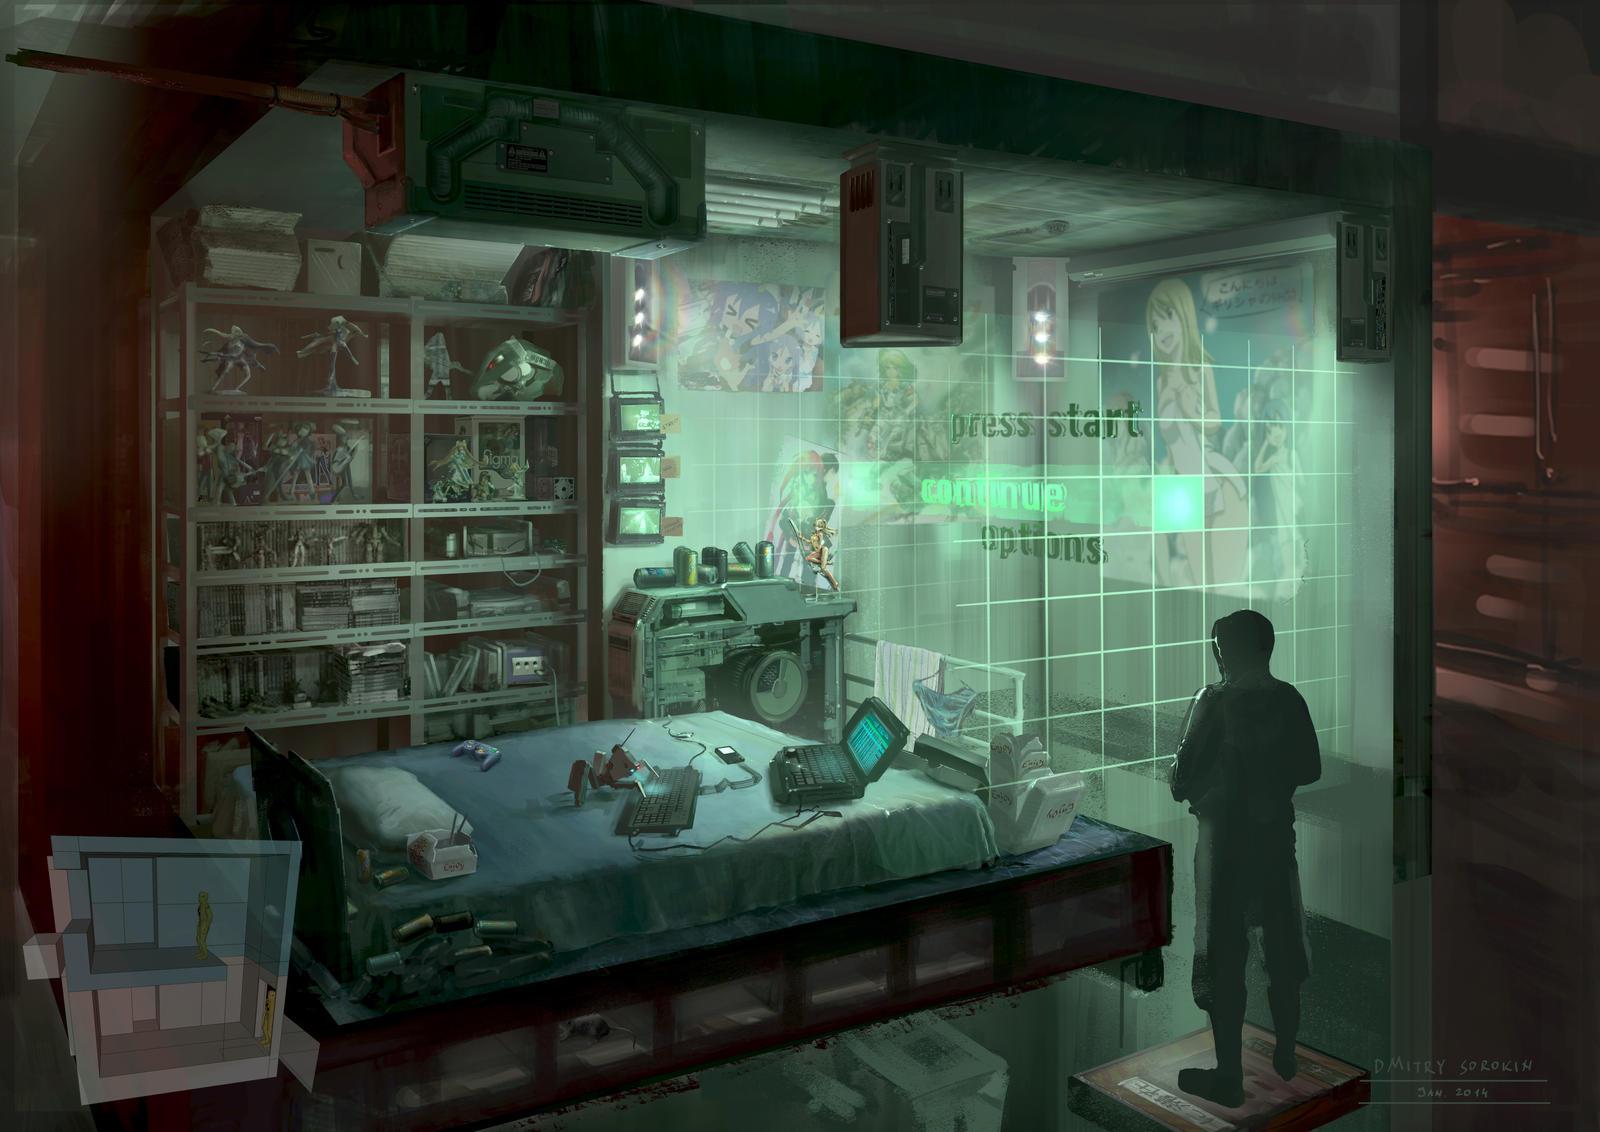 Cyberpunk otaku place bedroom by dsorokin755 on deviantart for Chambre otaku